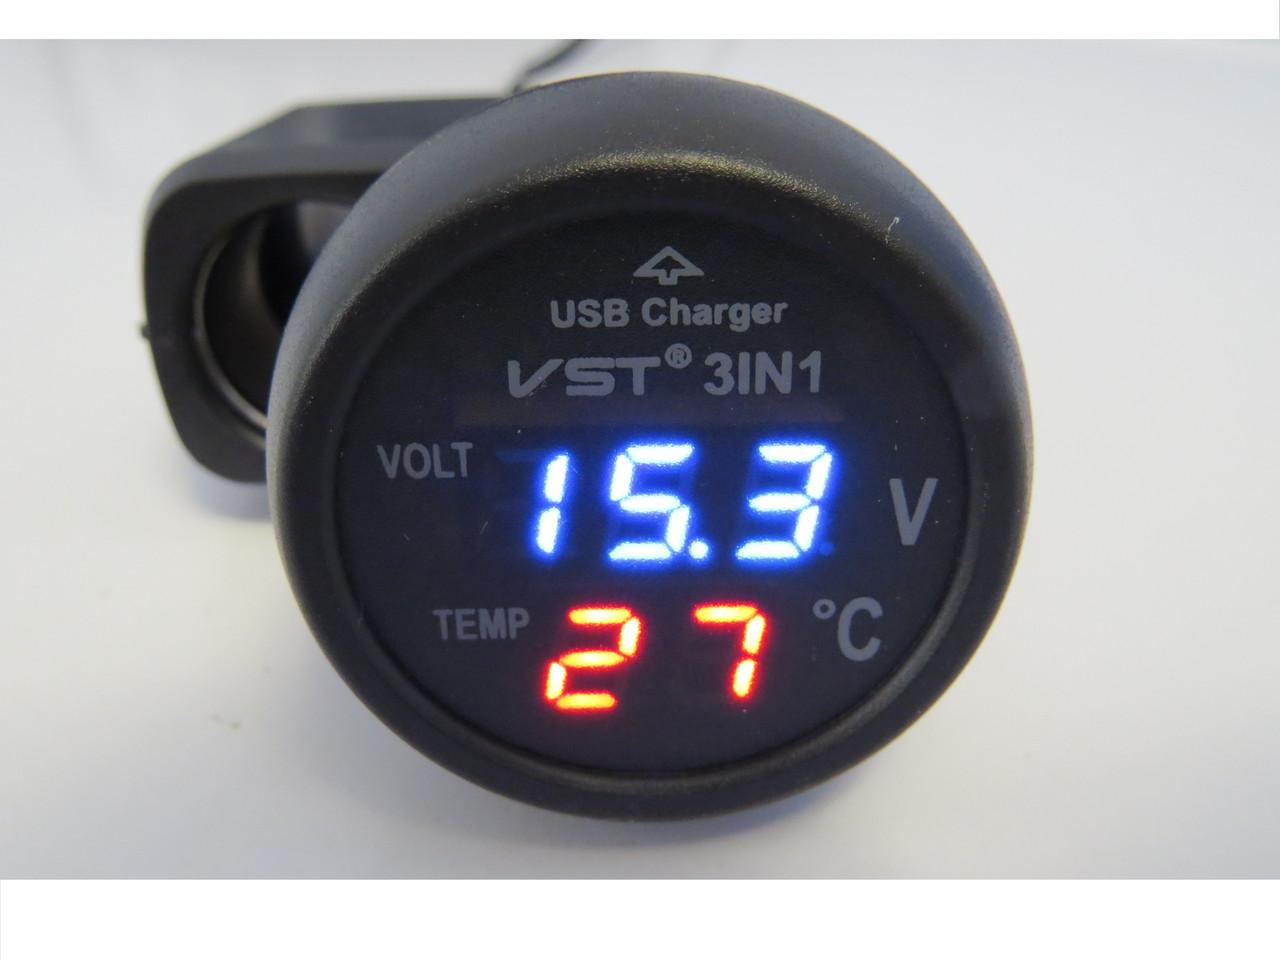 Цифровой термометр вольтметр USB VST 706-5 в прикуриватель для автомобиля